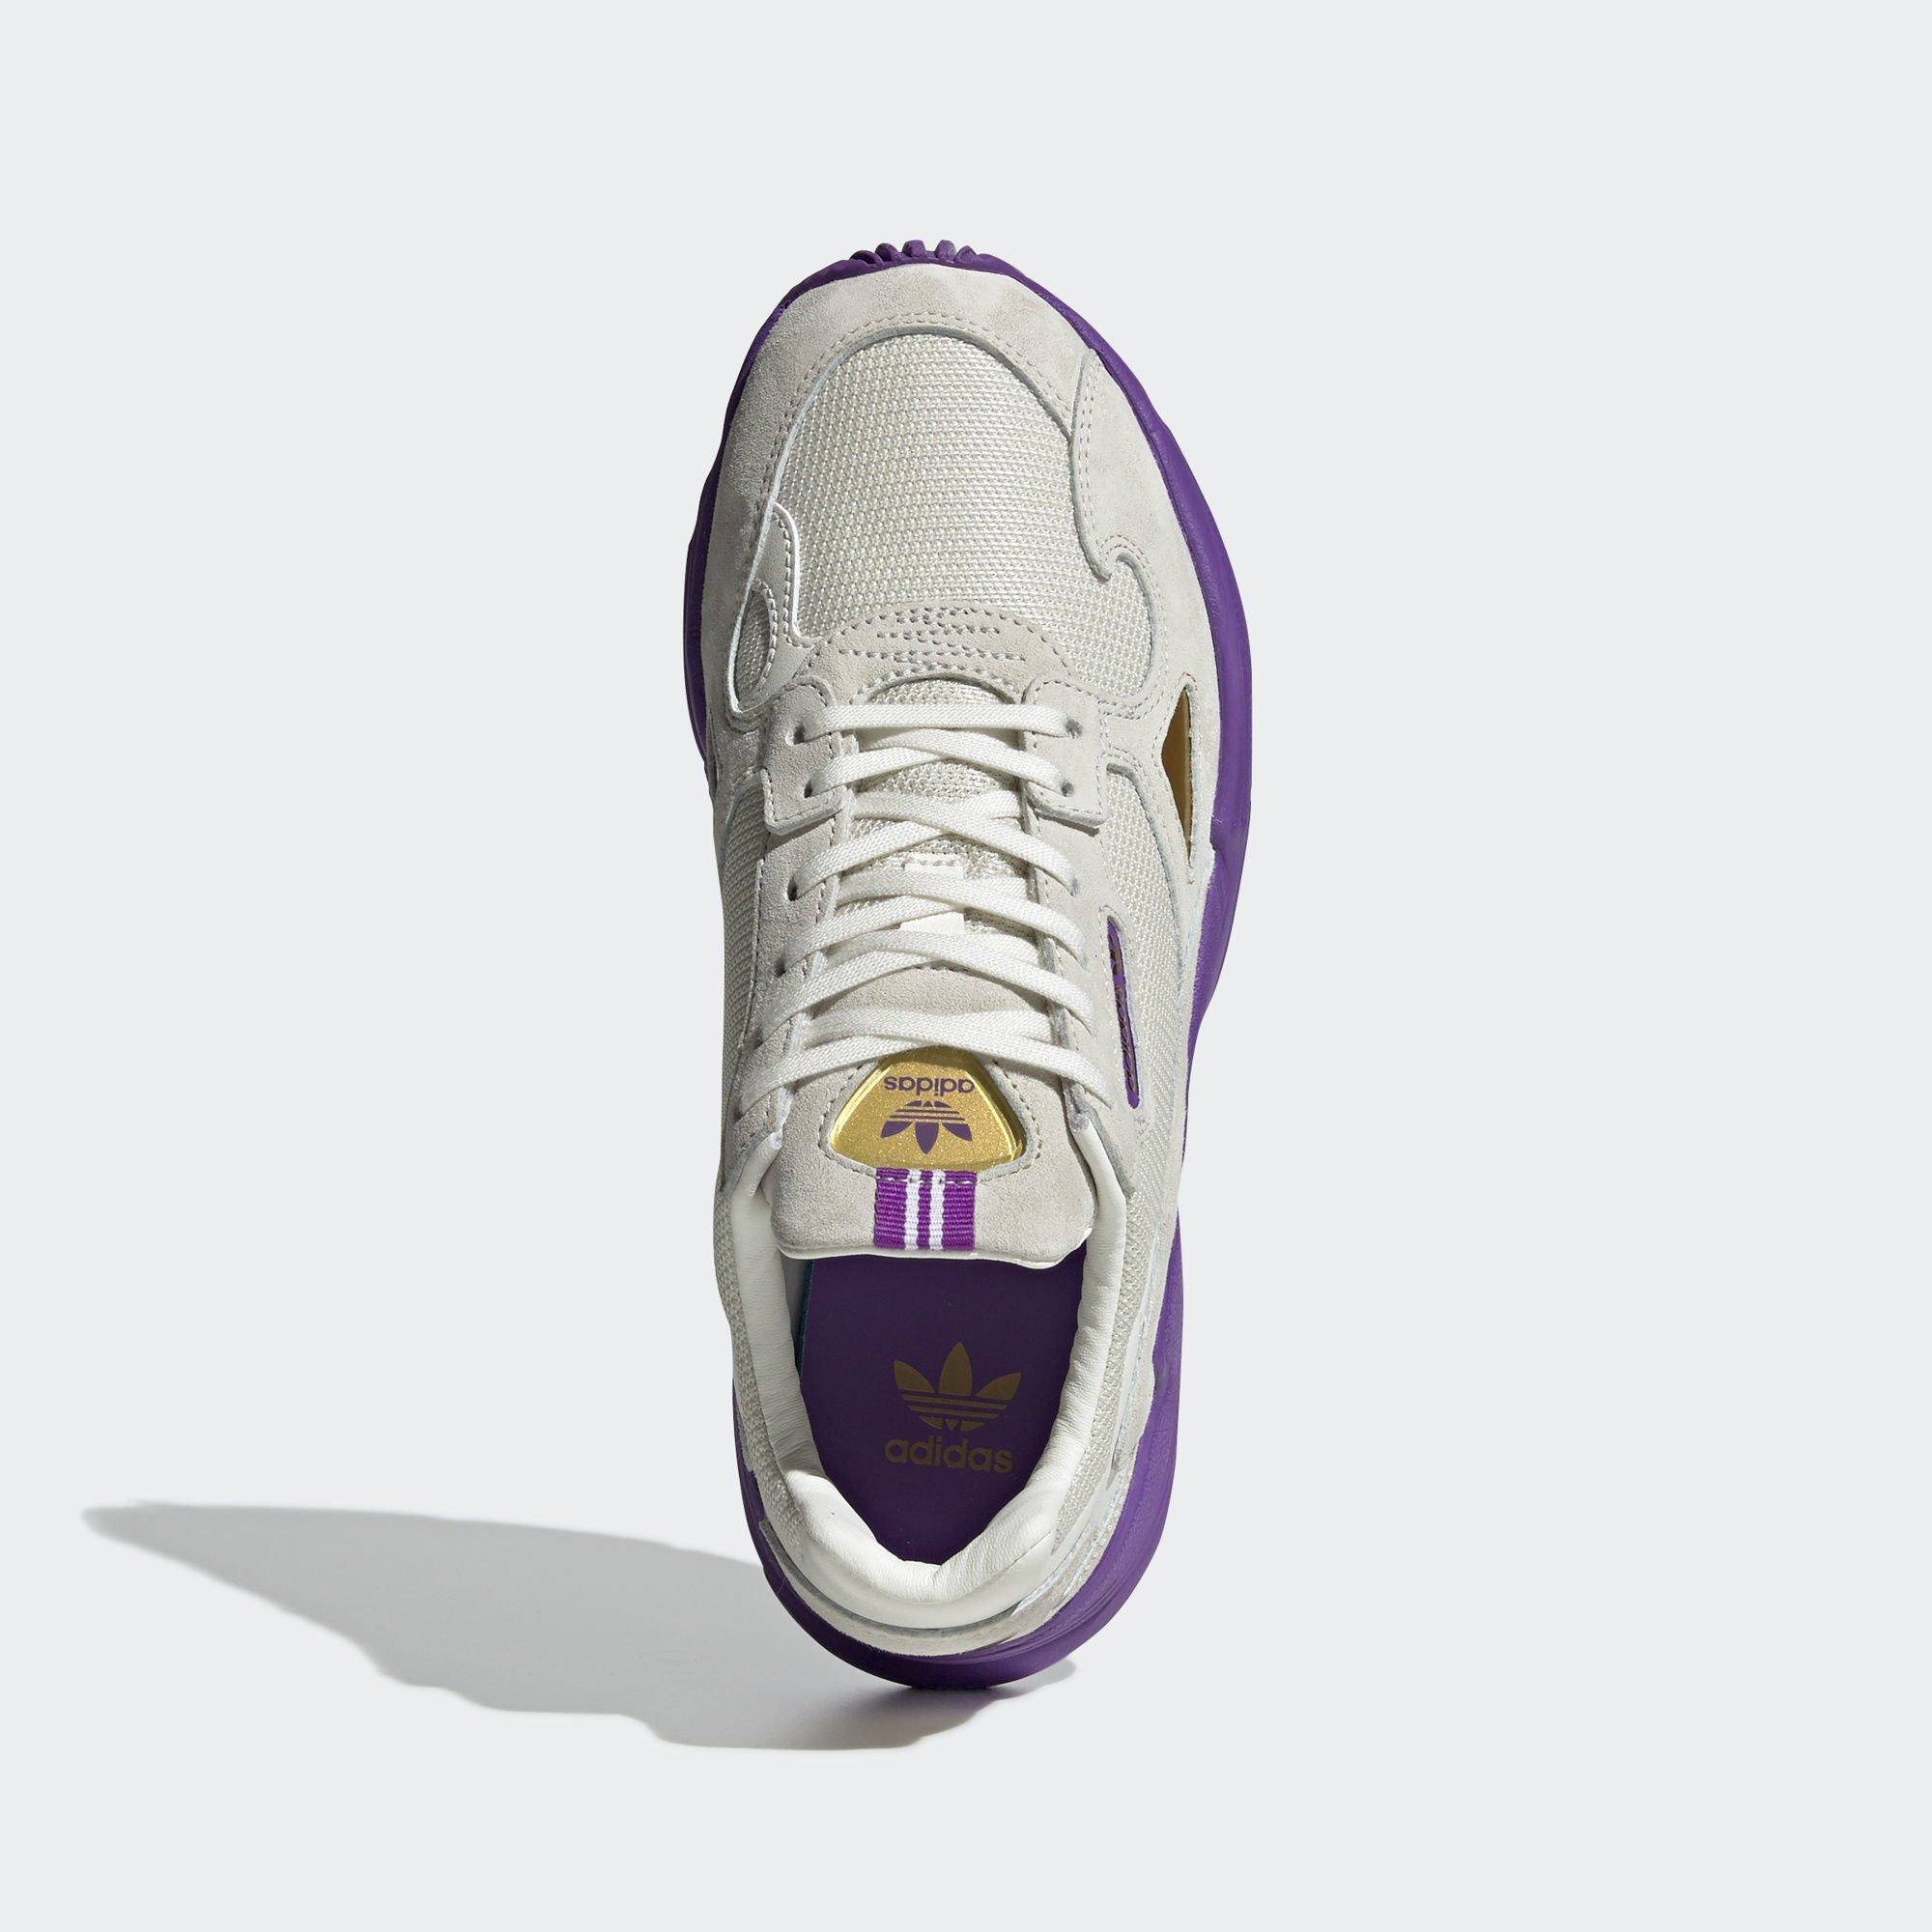 Adidas Falcon EE7882